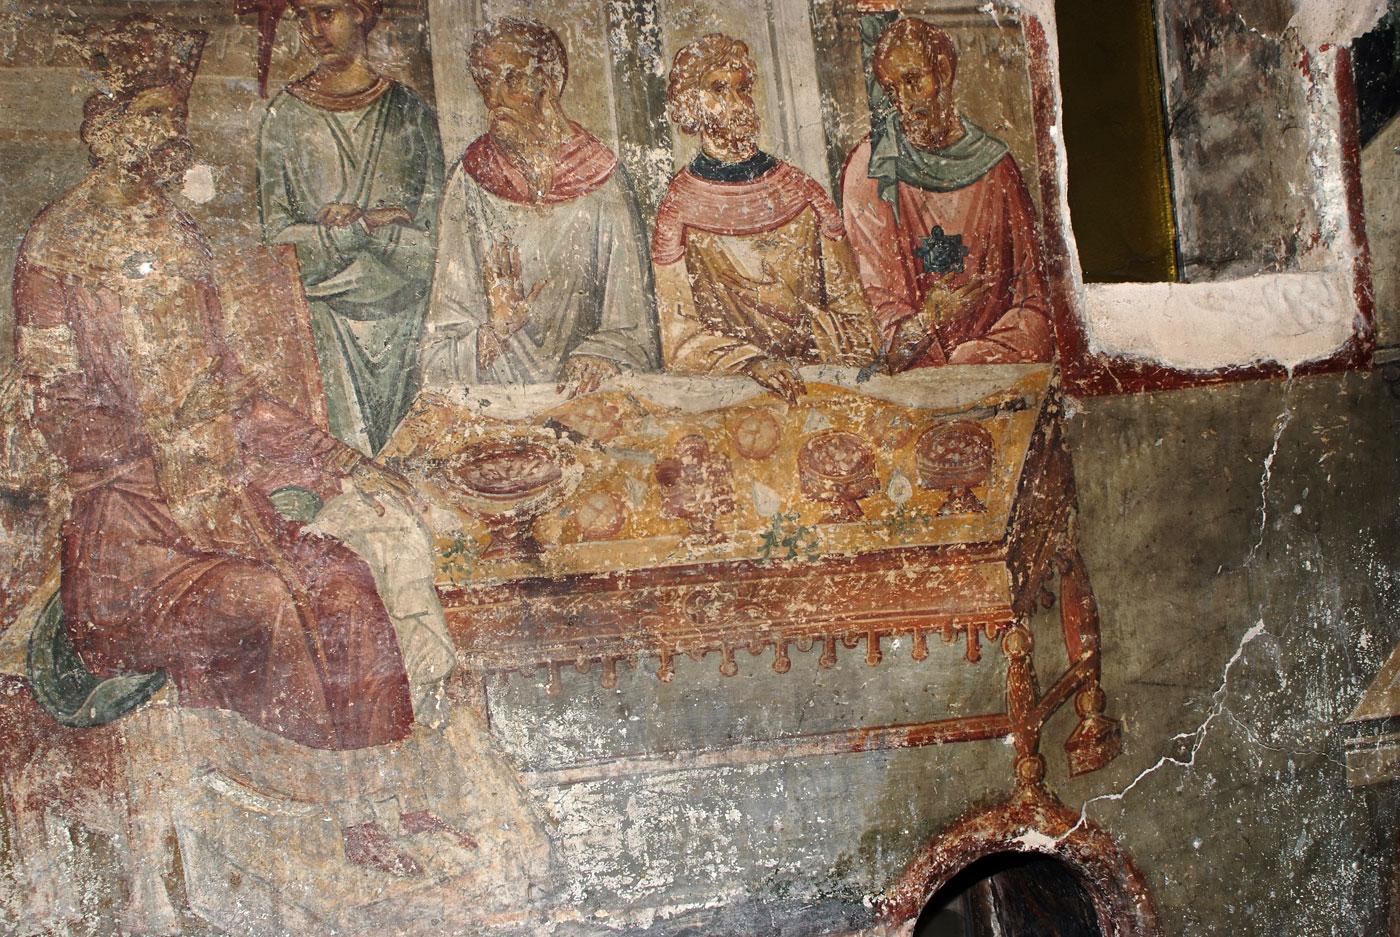 Κοσμογενής ταφή του νουκλεϊδίου στην αρχαιολογία και την παλαιοανθρωπολογία